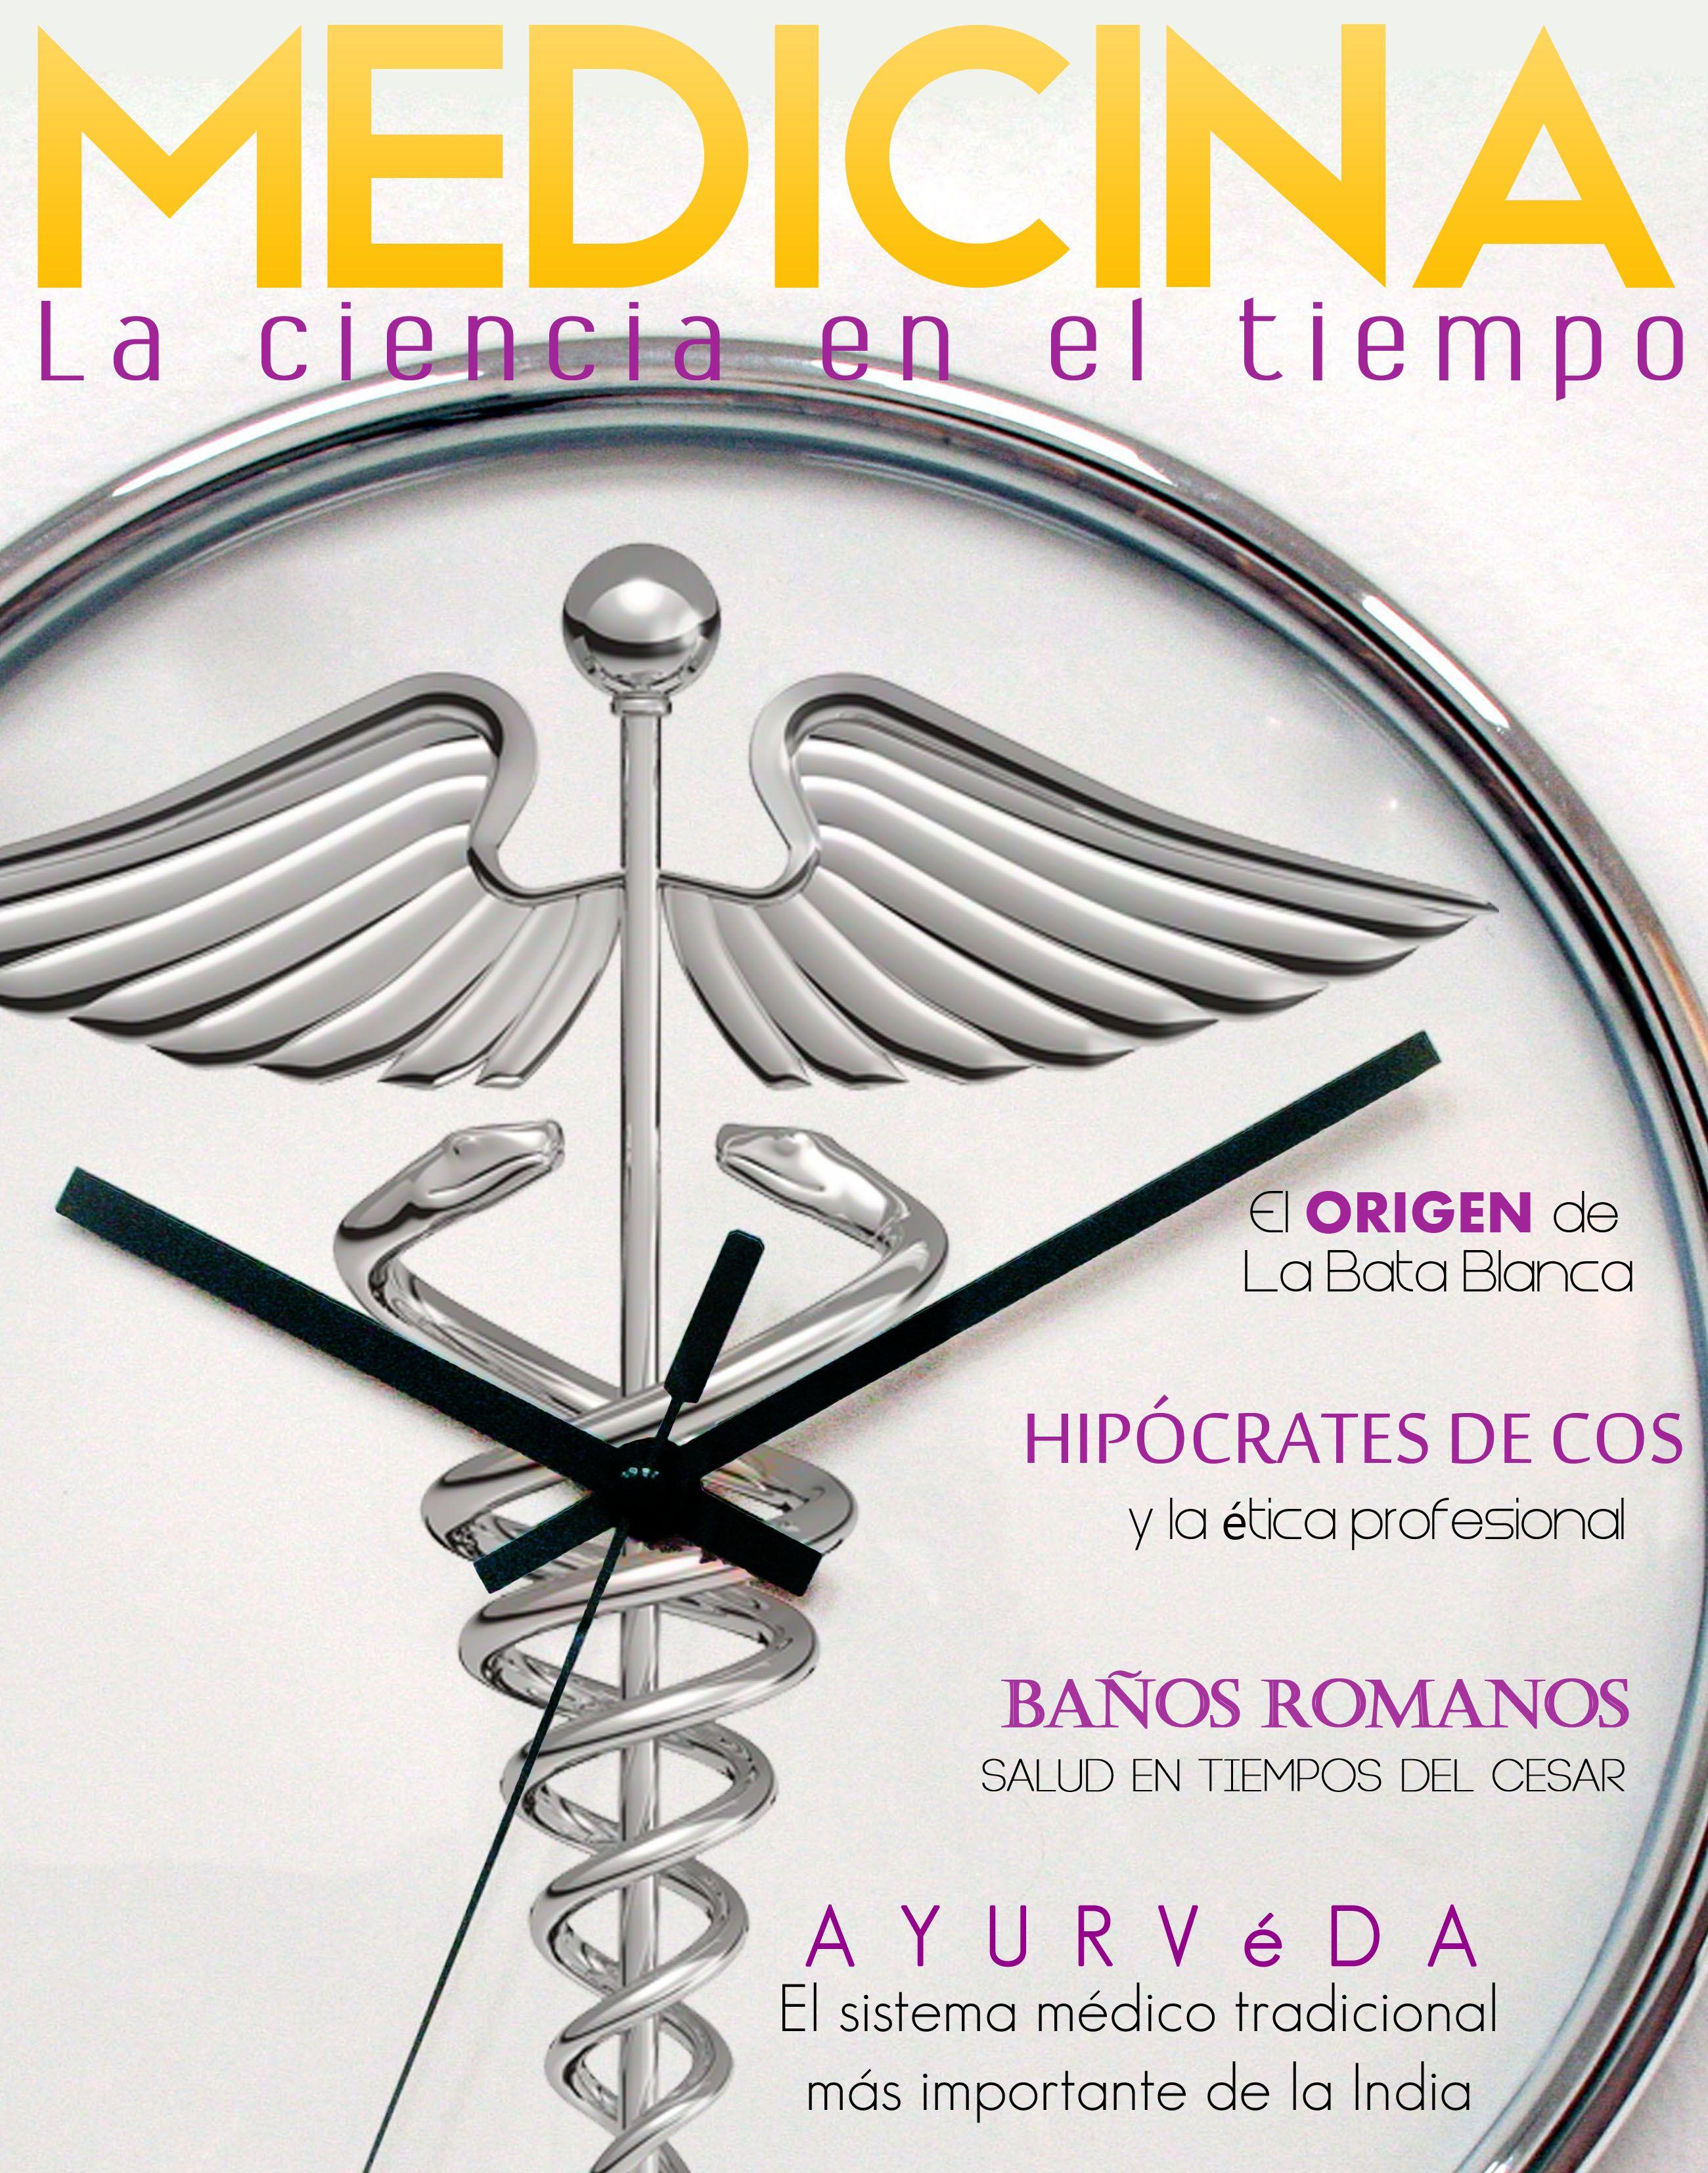 Medicina en el tiempo (portada)